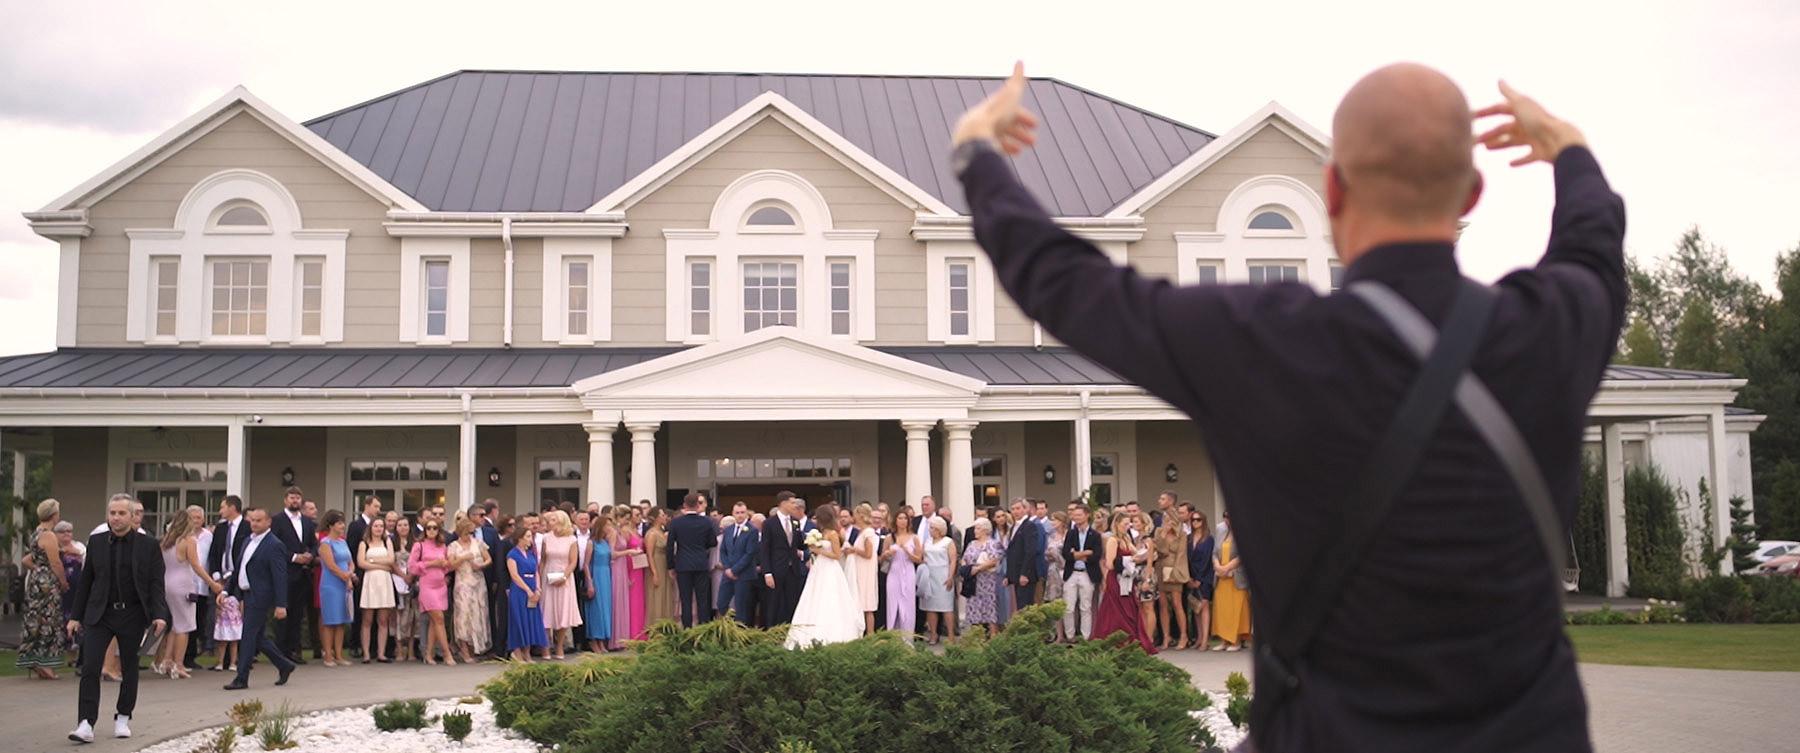 wesele w rezydencji miętowe wzgórza film ślubny warszawa